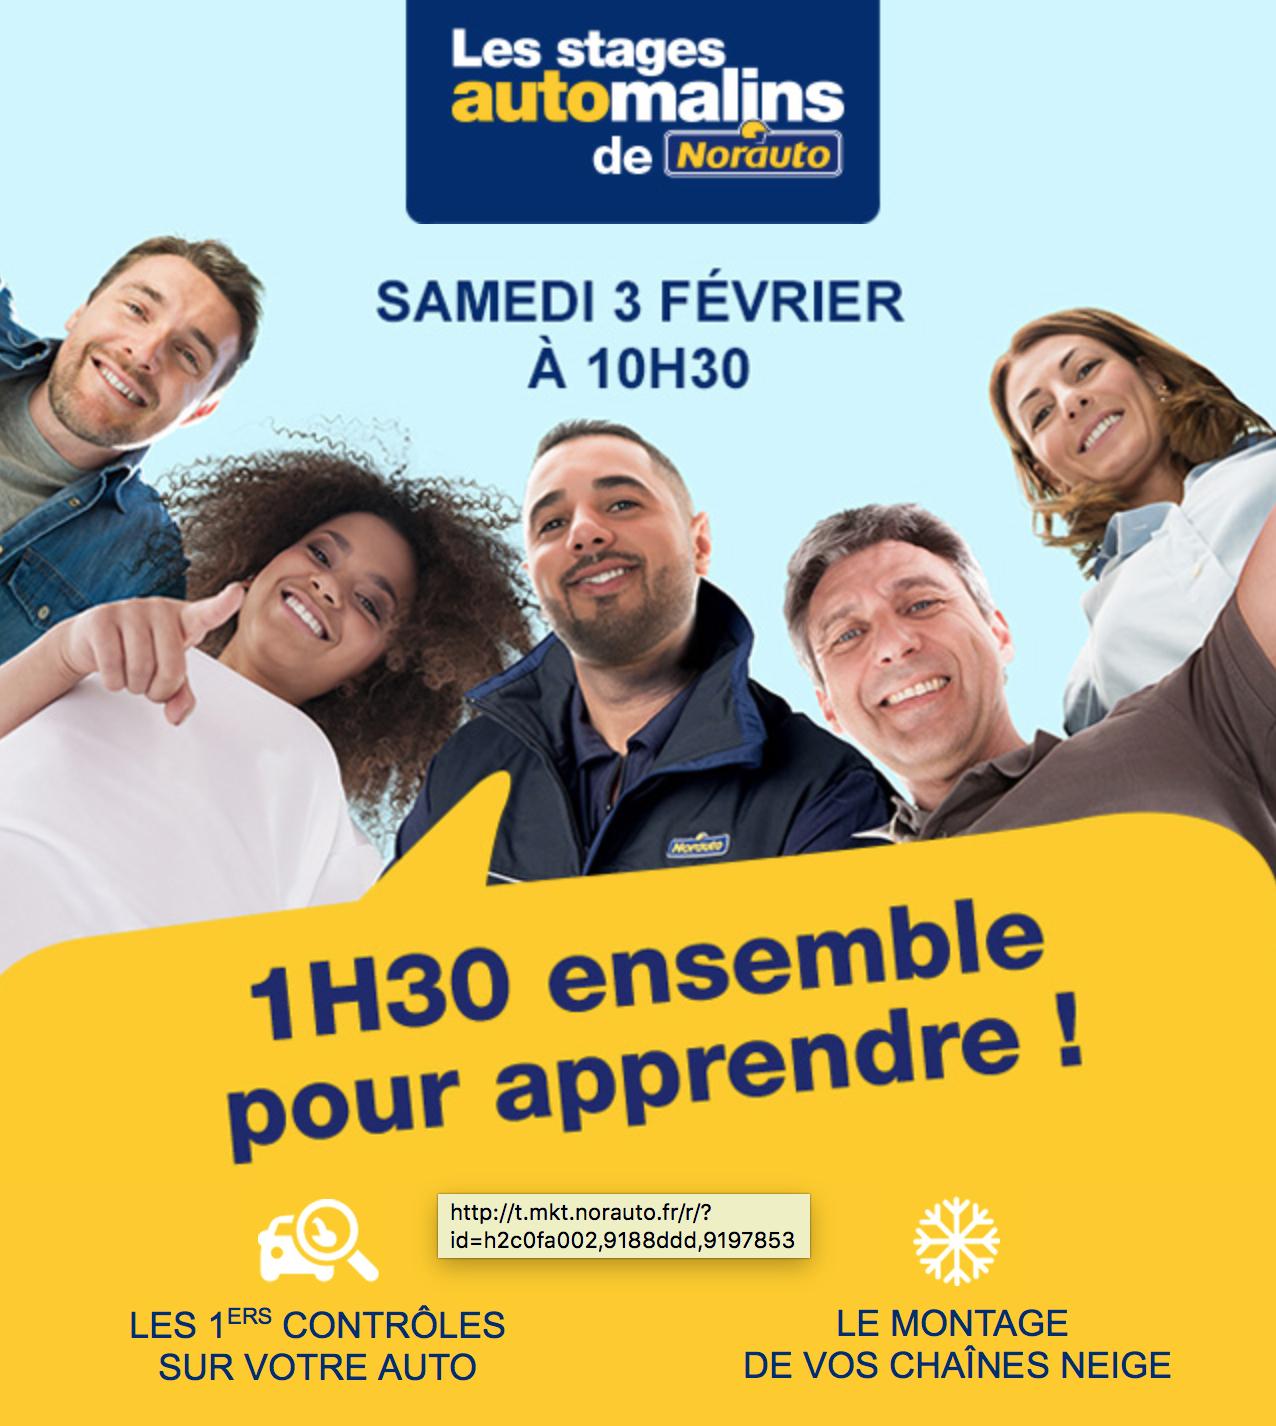 Stage gratuit Automalins - 1h30 pour apprendre chez Norauto pour le 3 Février